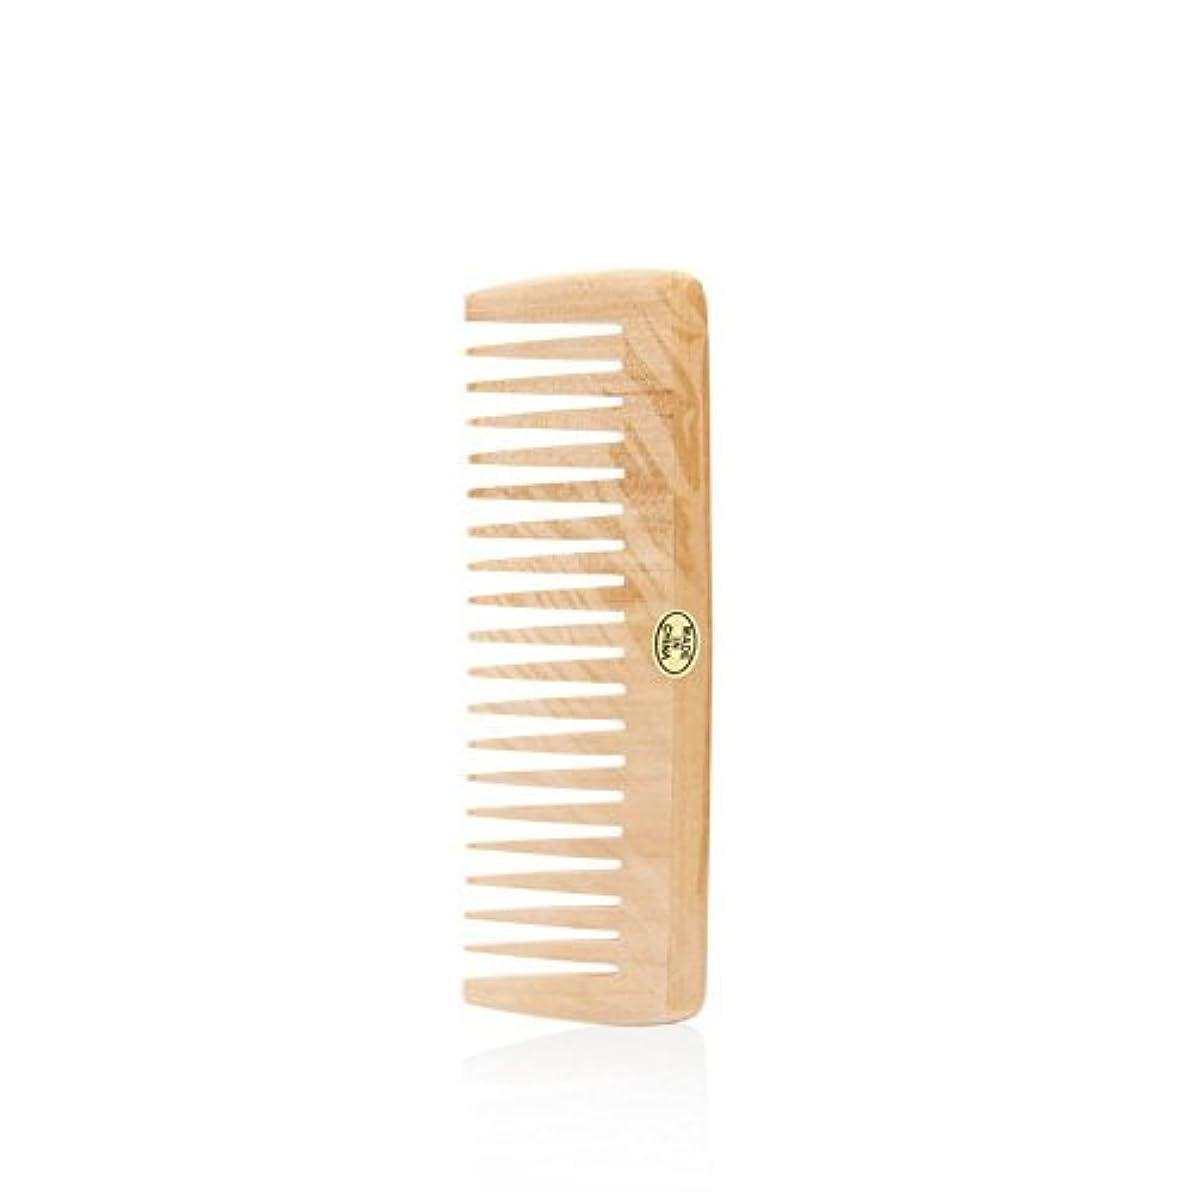 セラフ玉記念品Bath Accessories Wood Detangling Comb [並行輸入品]